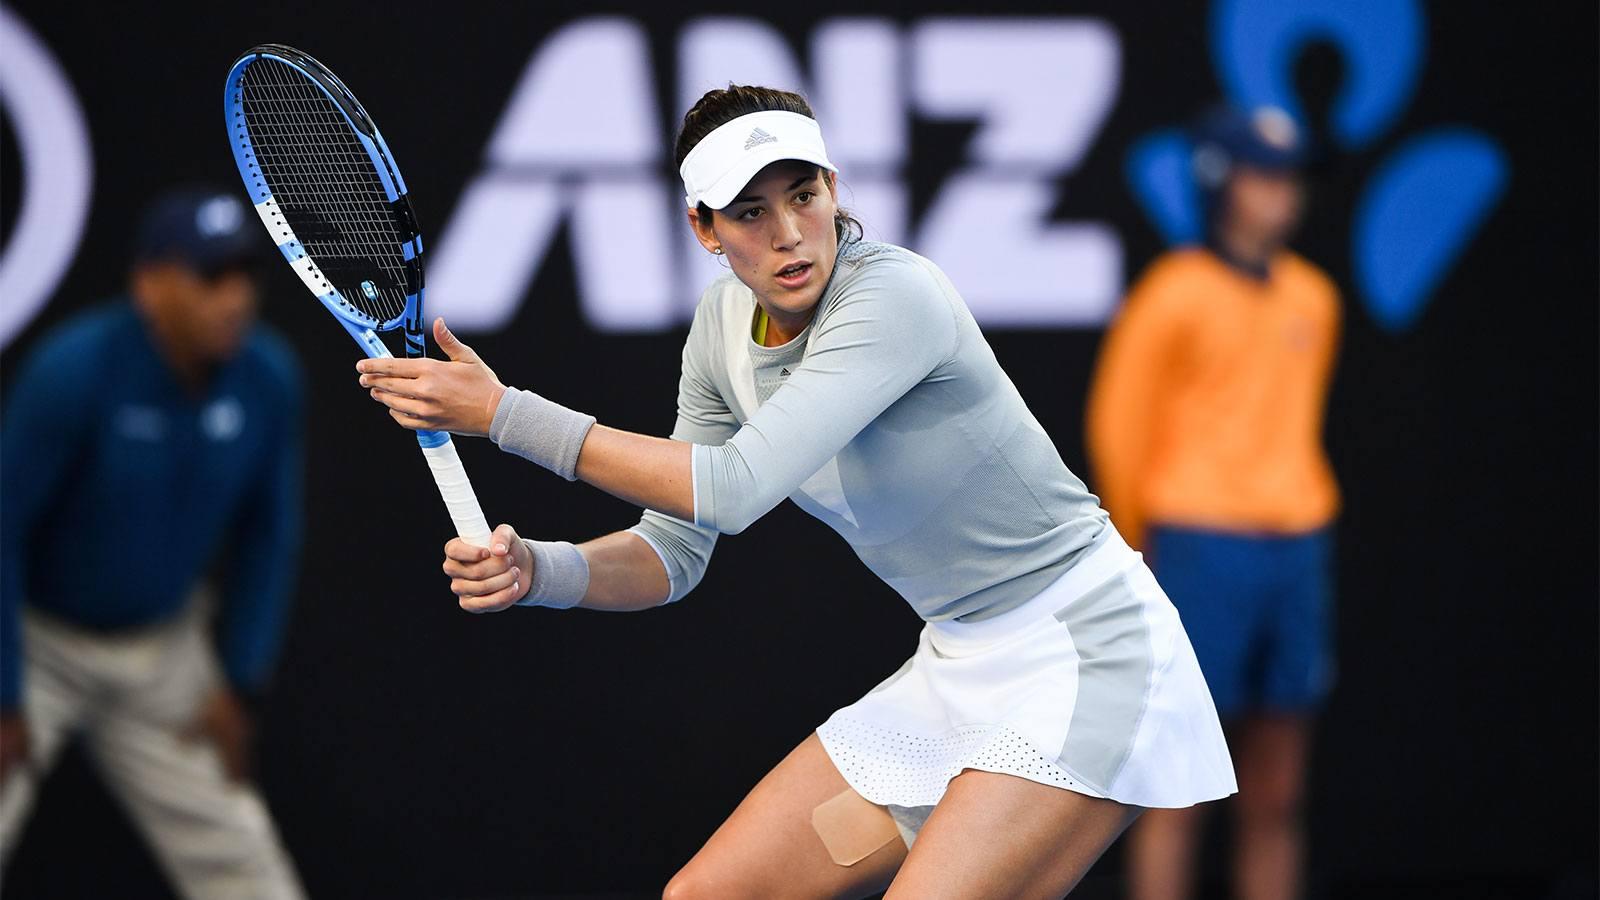 Garbiñe Muguruza Open de Australia 2018